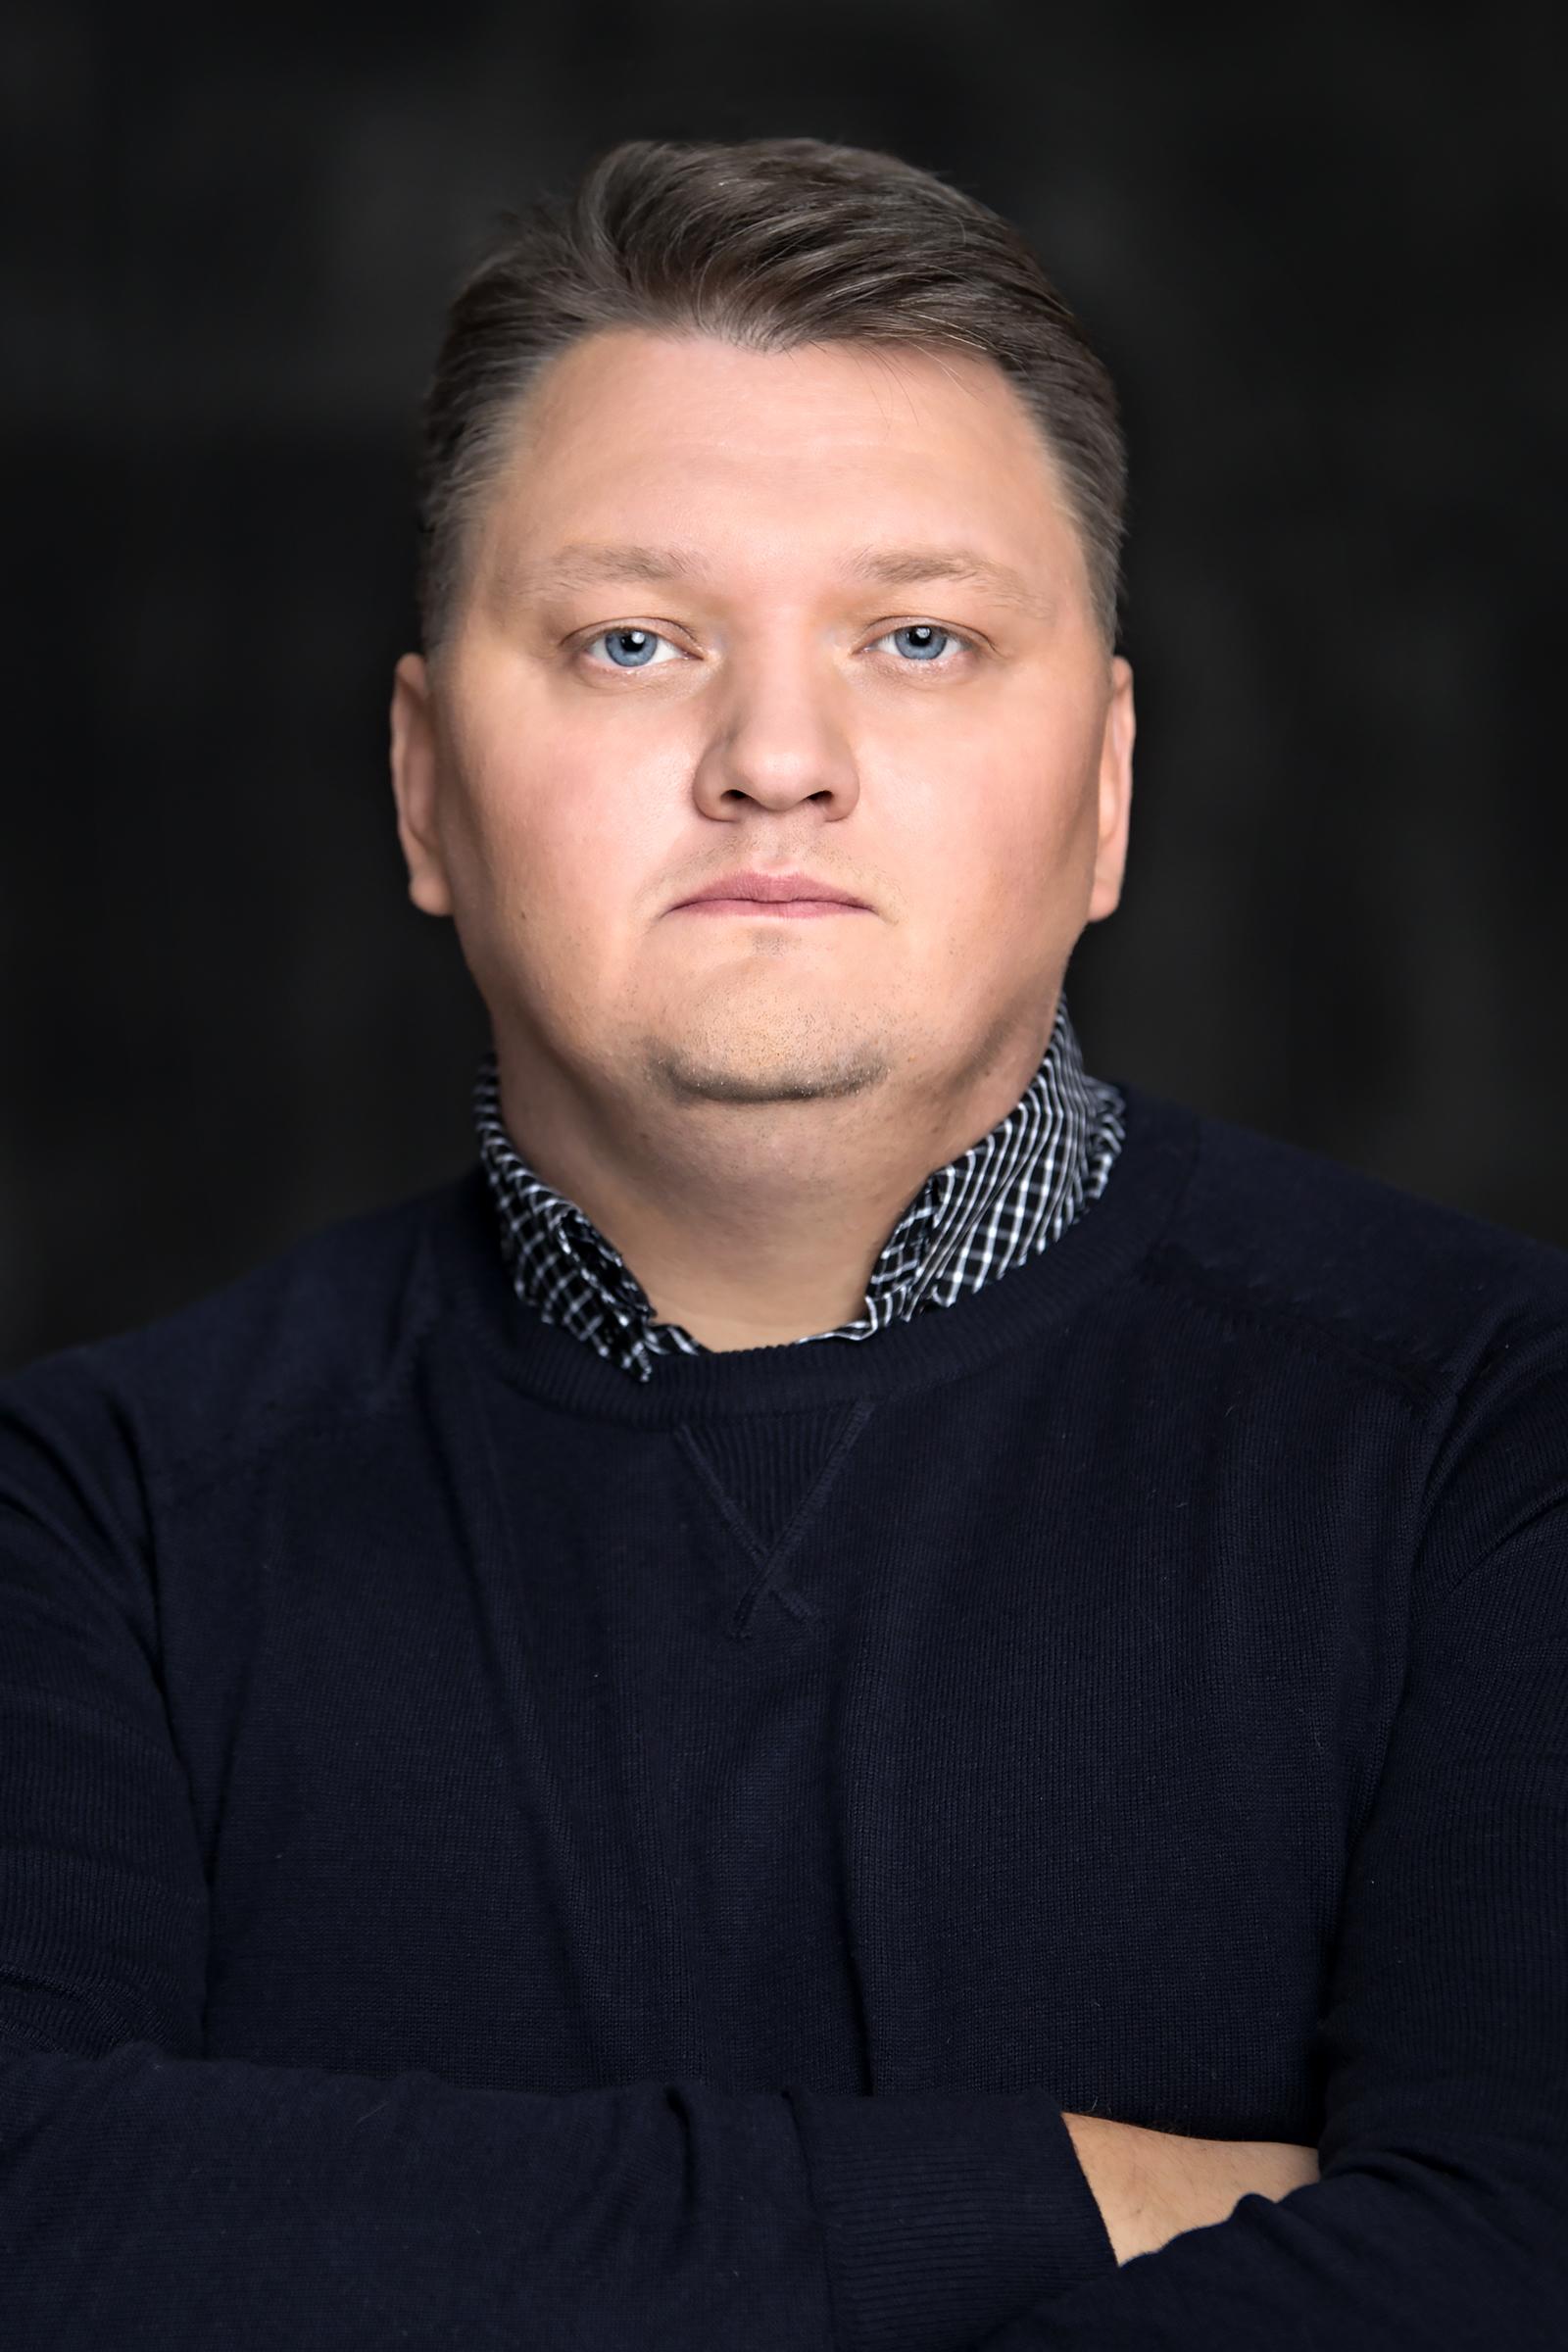 Tomas Meškauskas